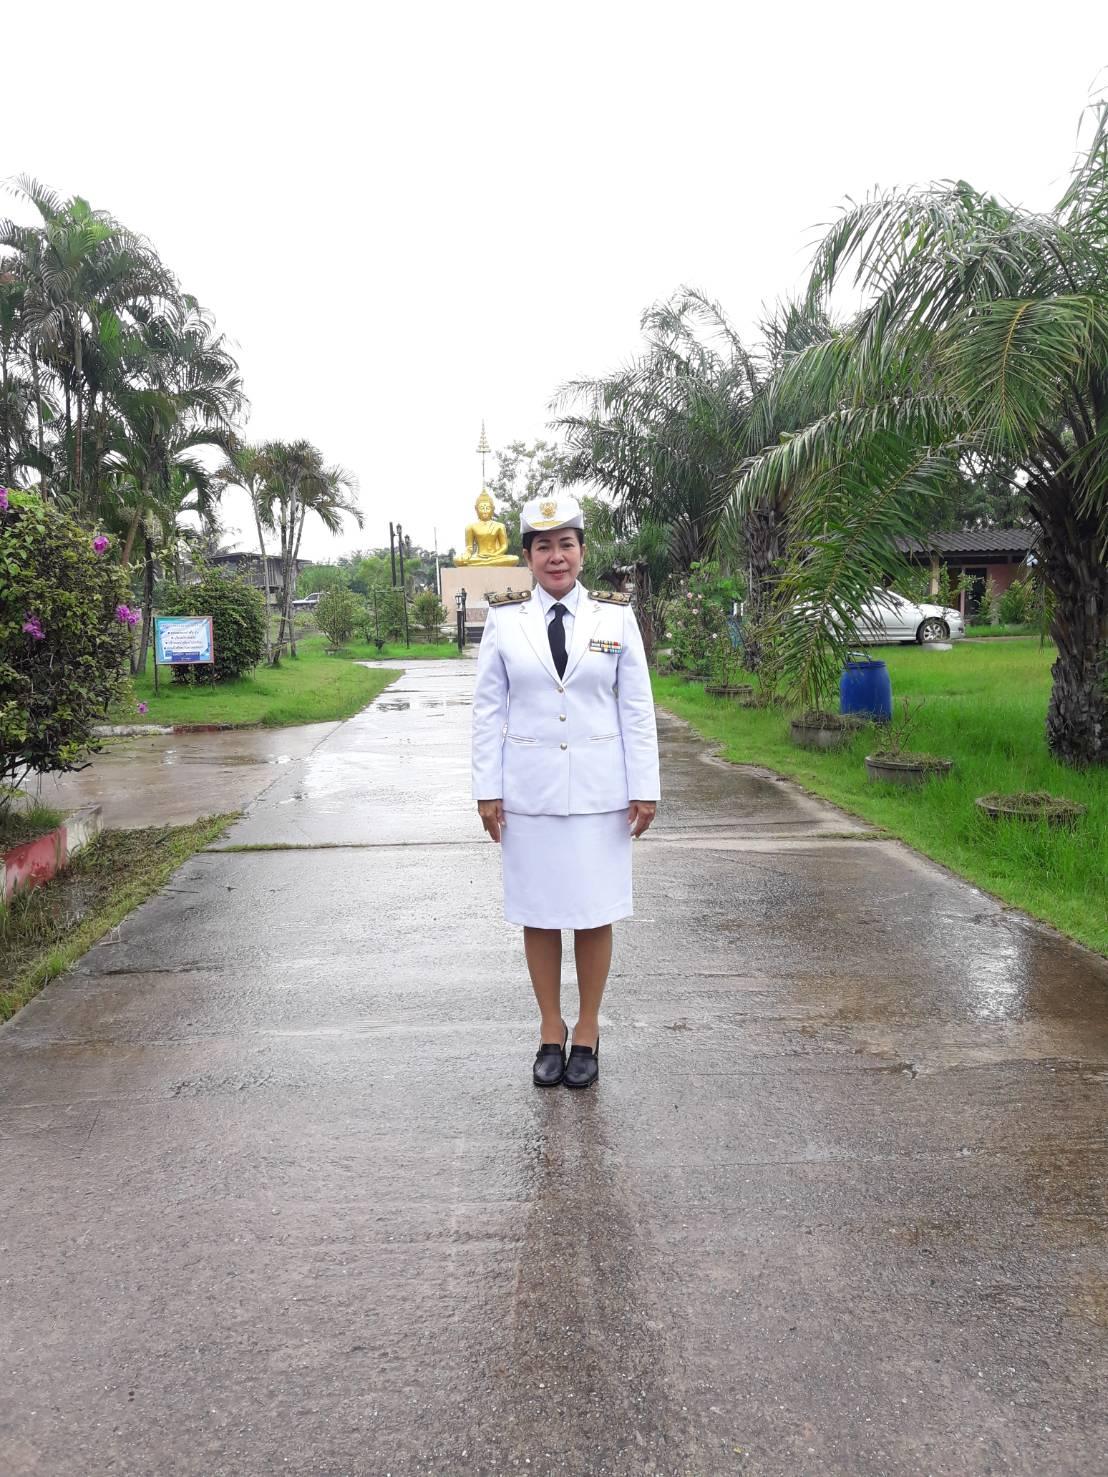 นางอัจฉราพร อินทรทัพ ผู้อำนวยการโรงเรียนบ้านทองหลาง โทร : 089-1591182